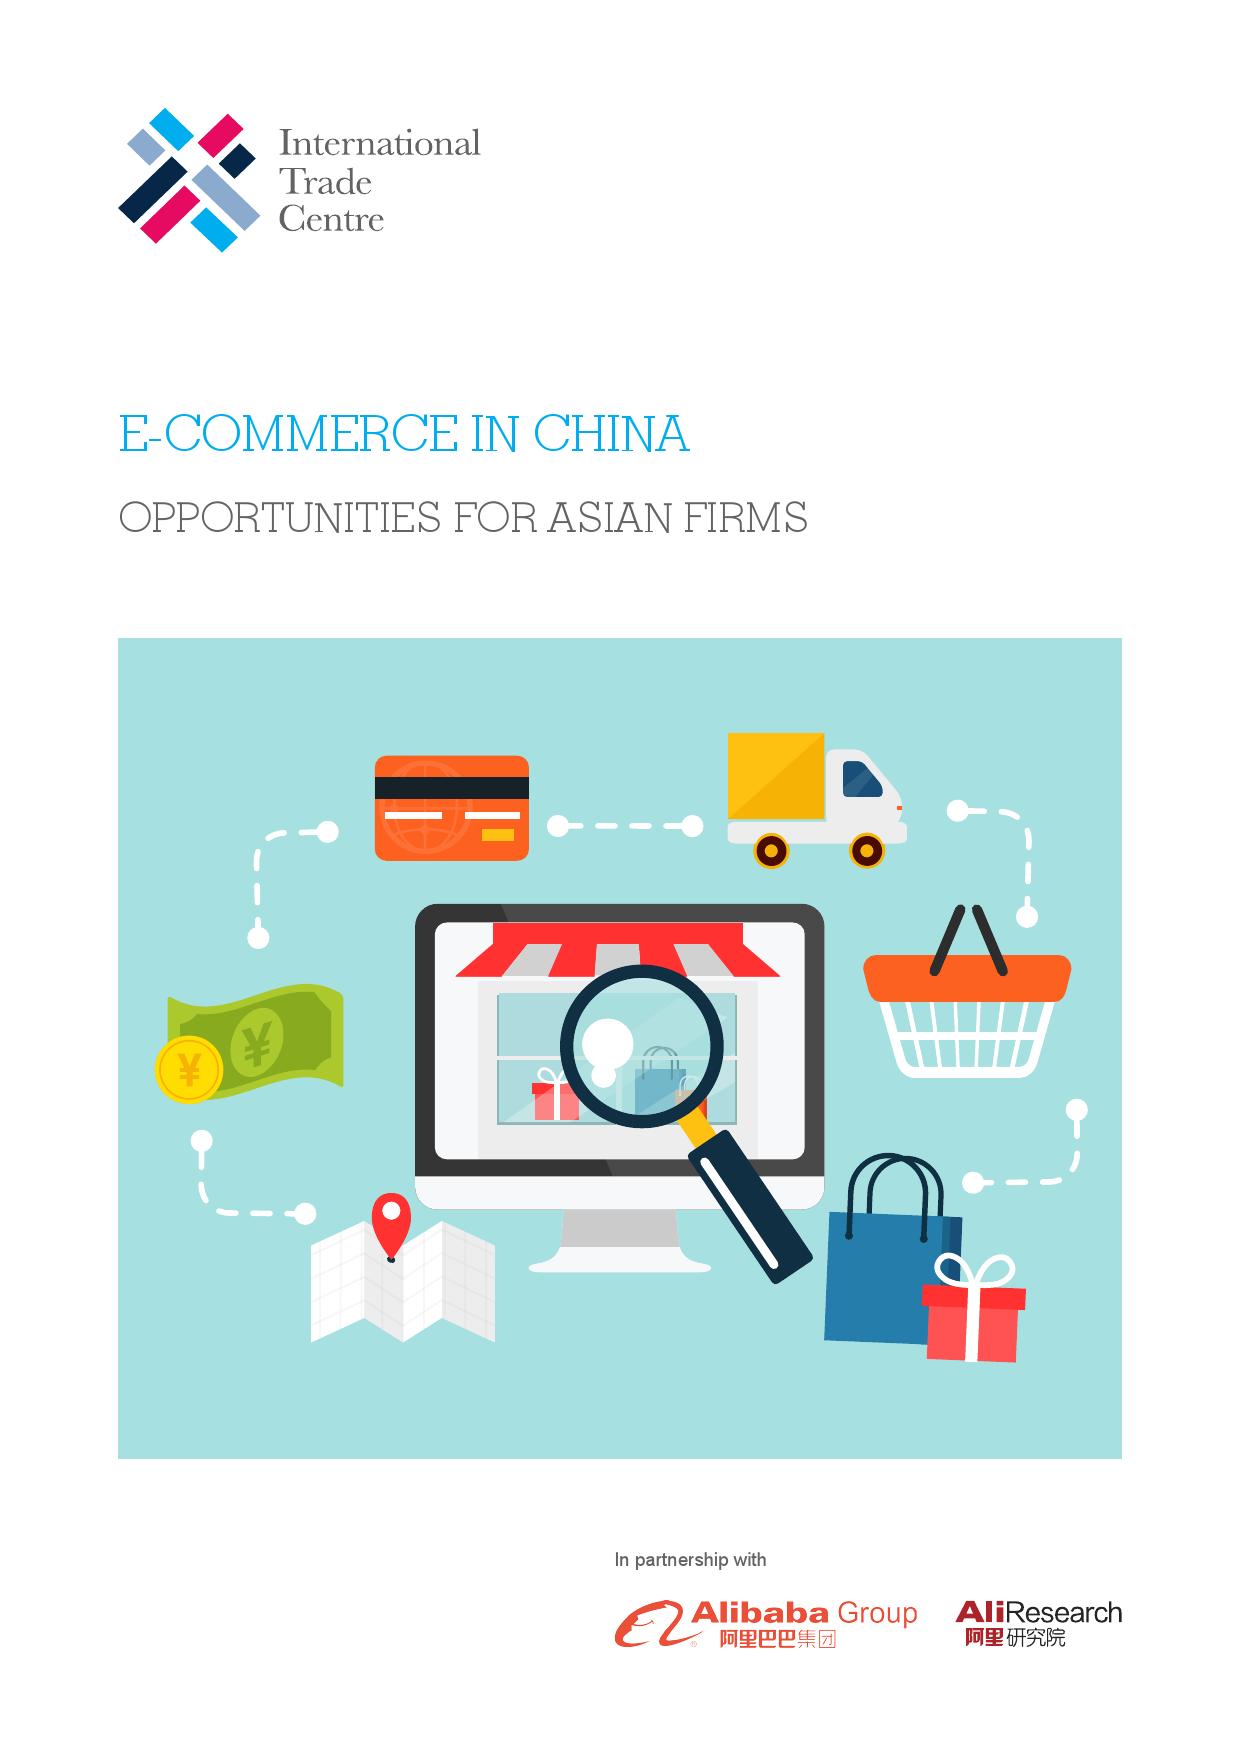 中国电子商务:对亚洲企业的机遇_000001